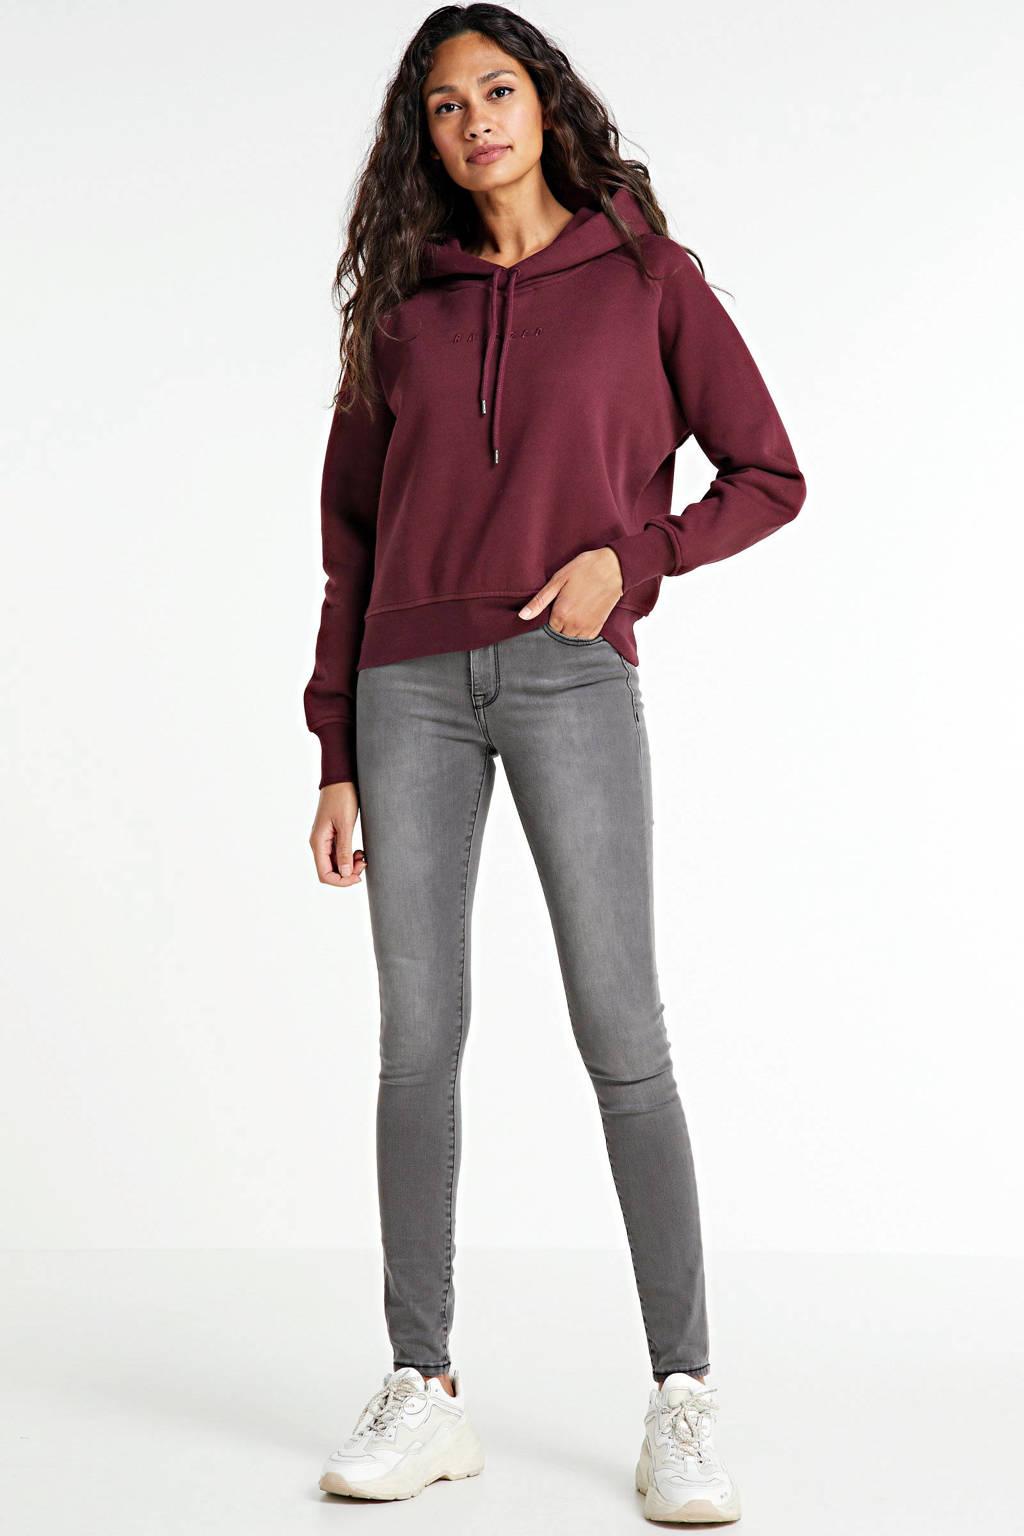 Raizzed hoodie Nadine met logo 628 bordeaux red, 628 Bordeaux Red